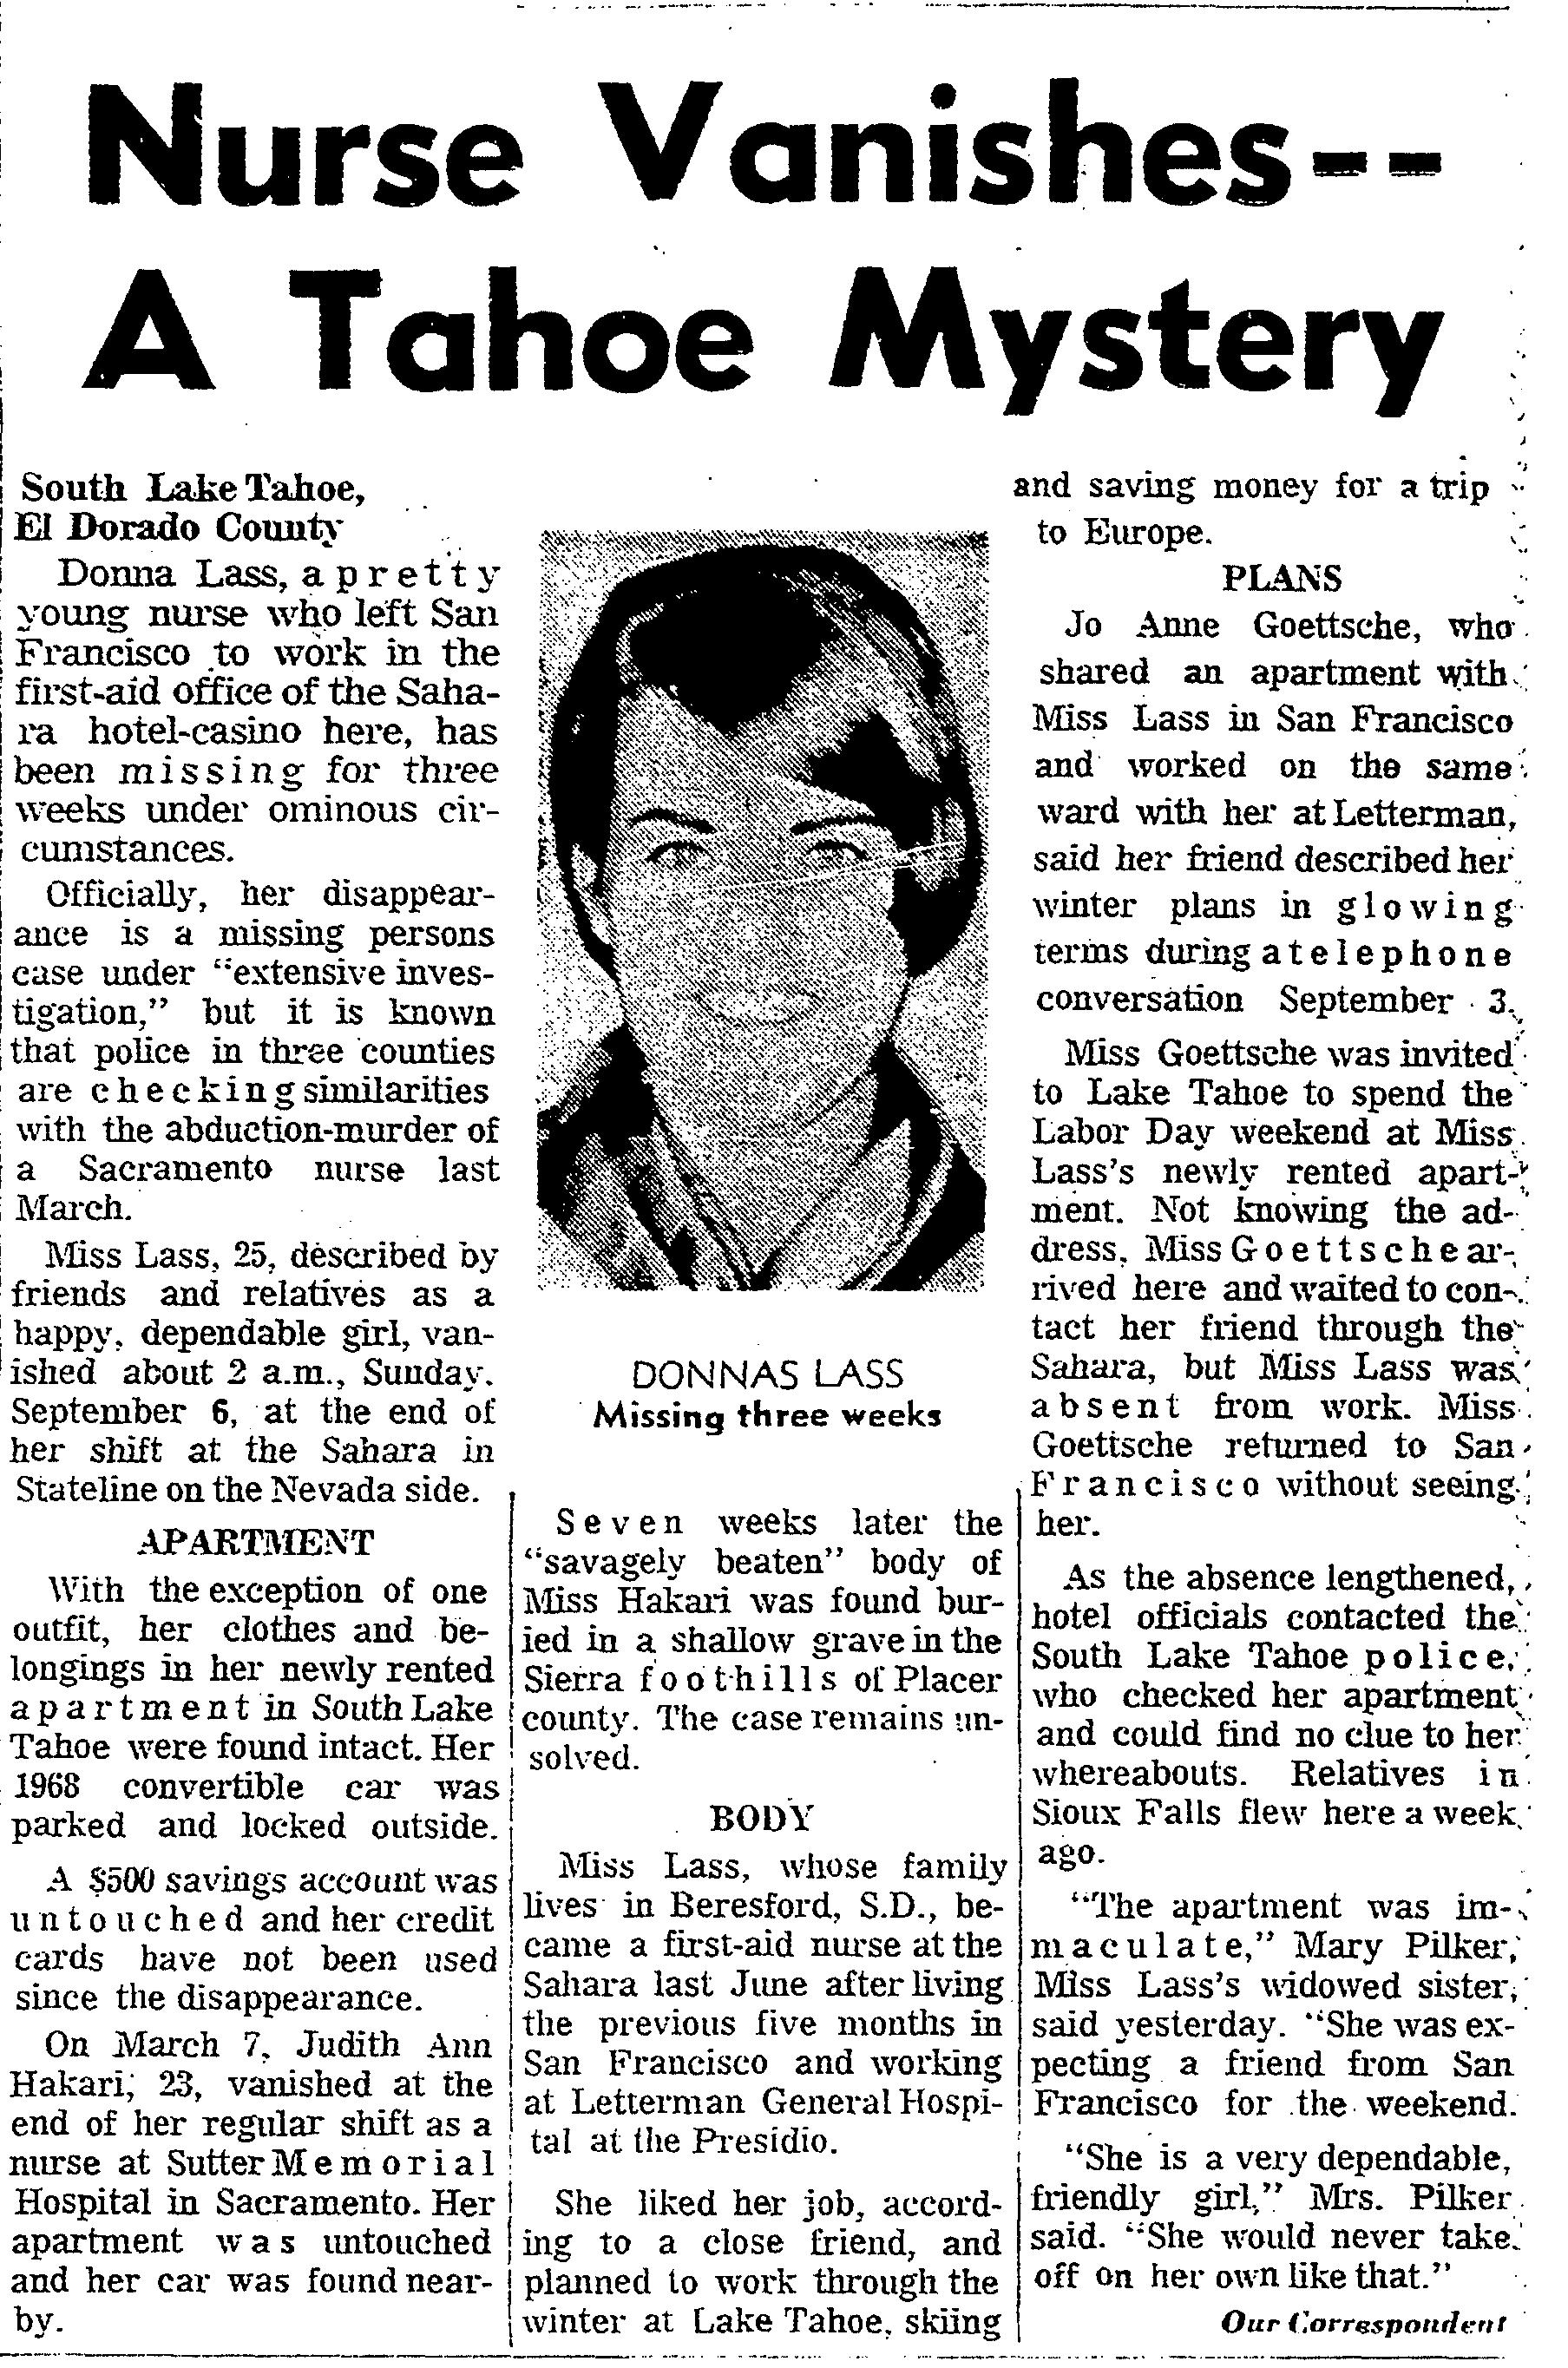 Zodiac Donna Lass South Lake Tahoe San_Francisco_Chronicle_1970-09-26_3